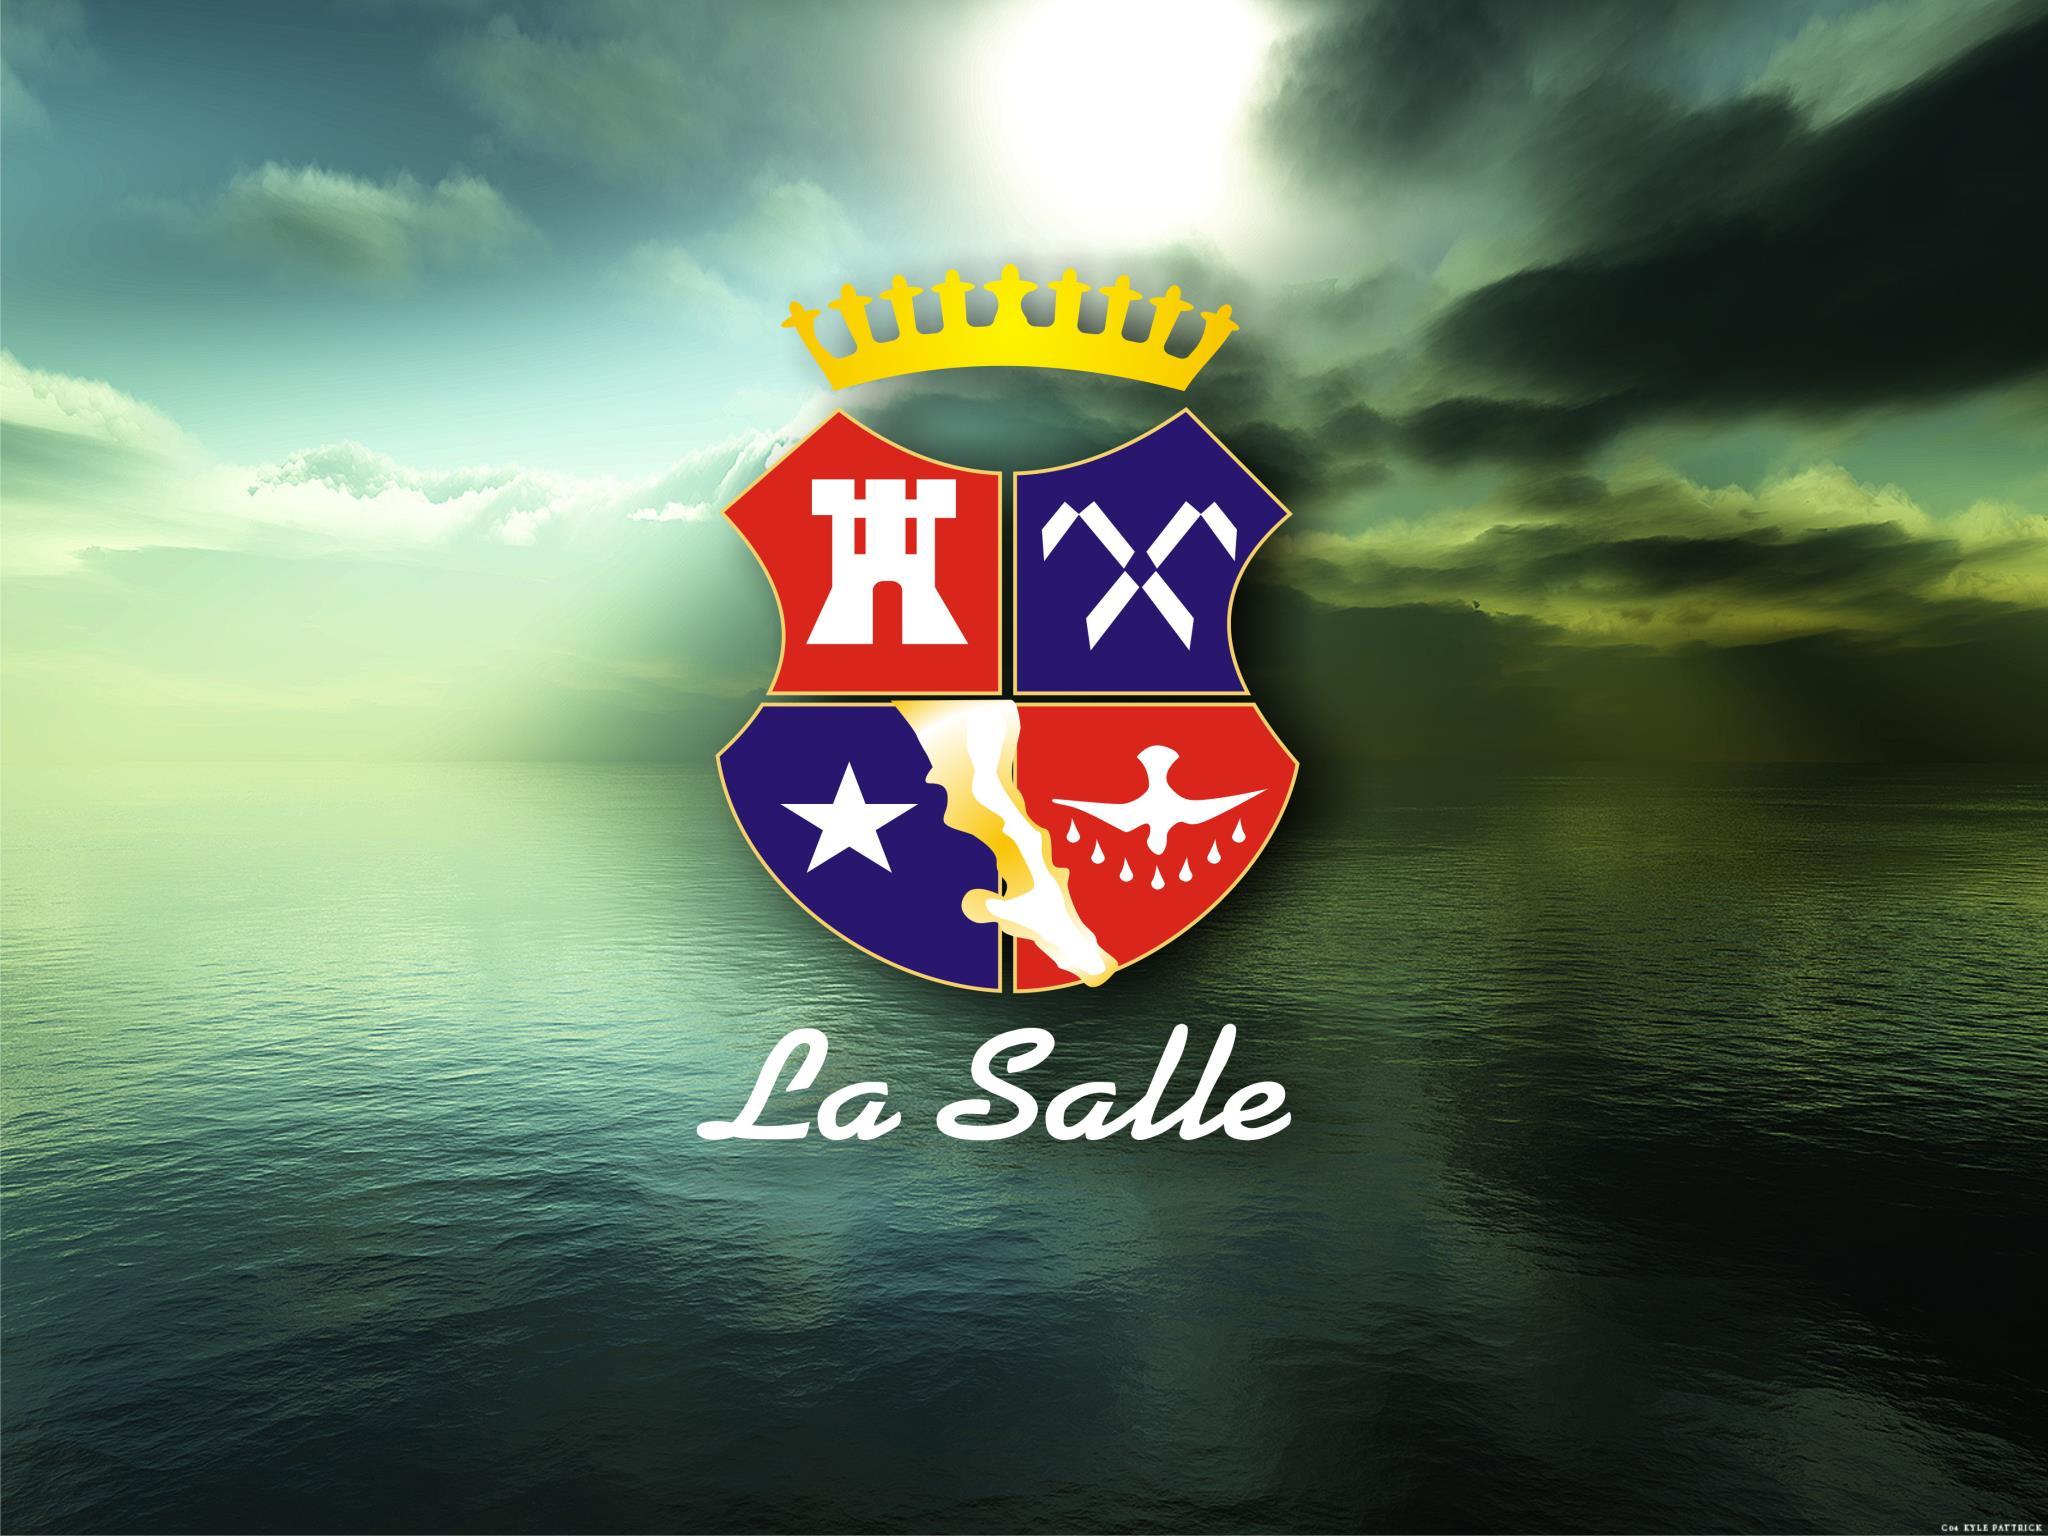 Centro La Salle